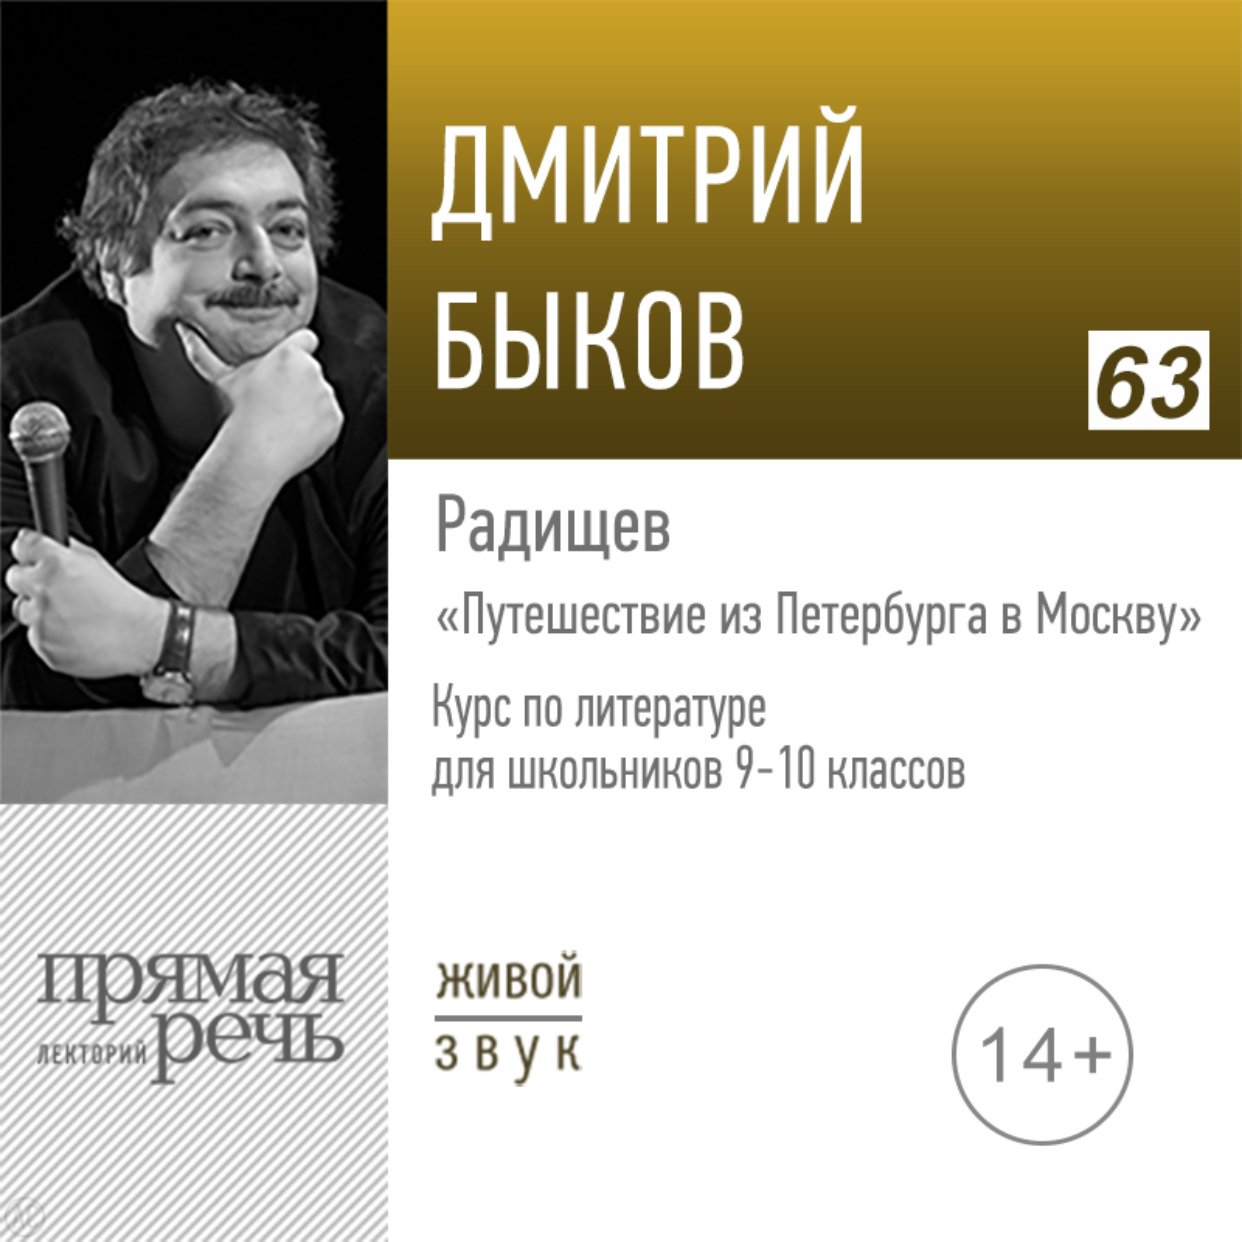 Радищев «Путешествие из Петербурга в Москву». Литература. 9-10 класс